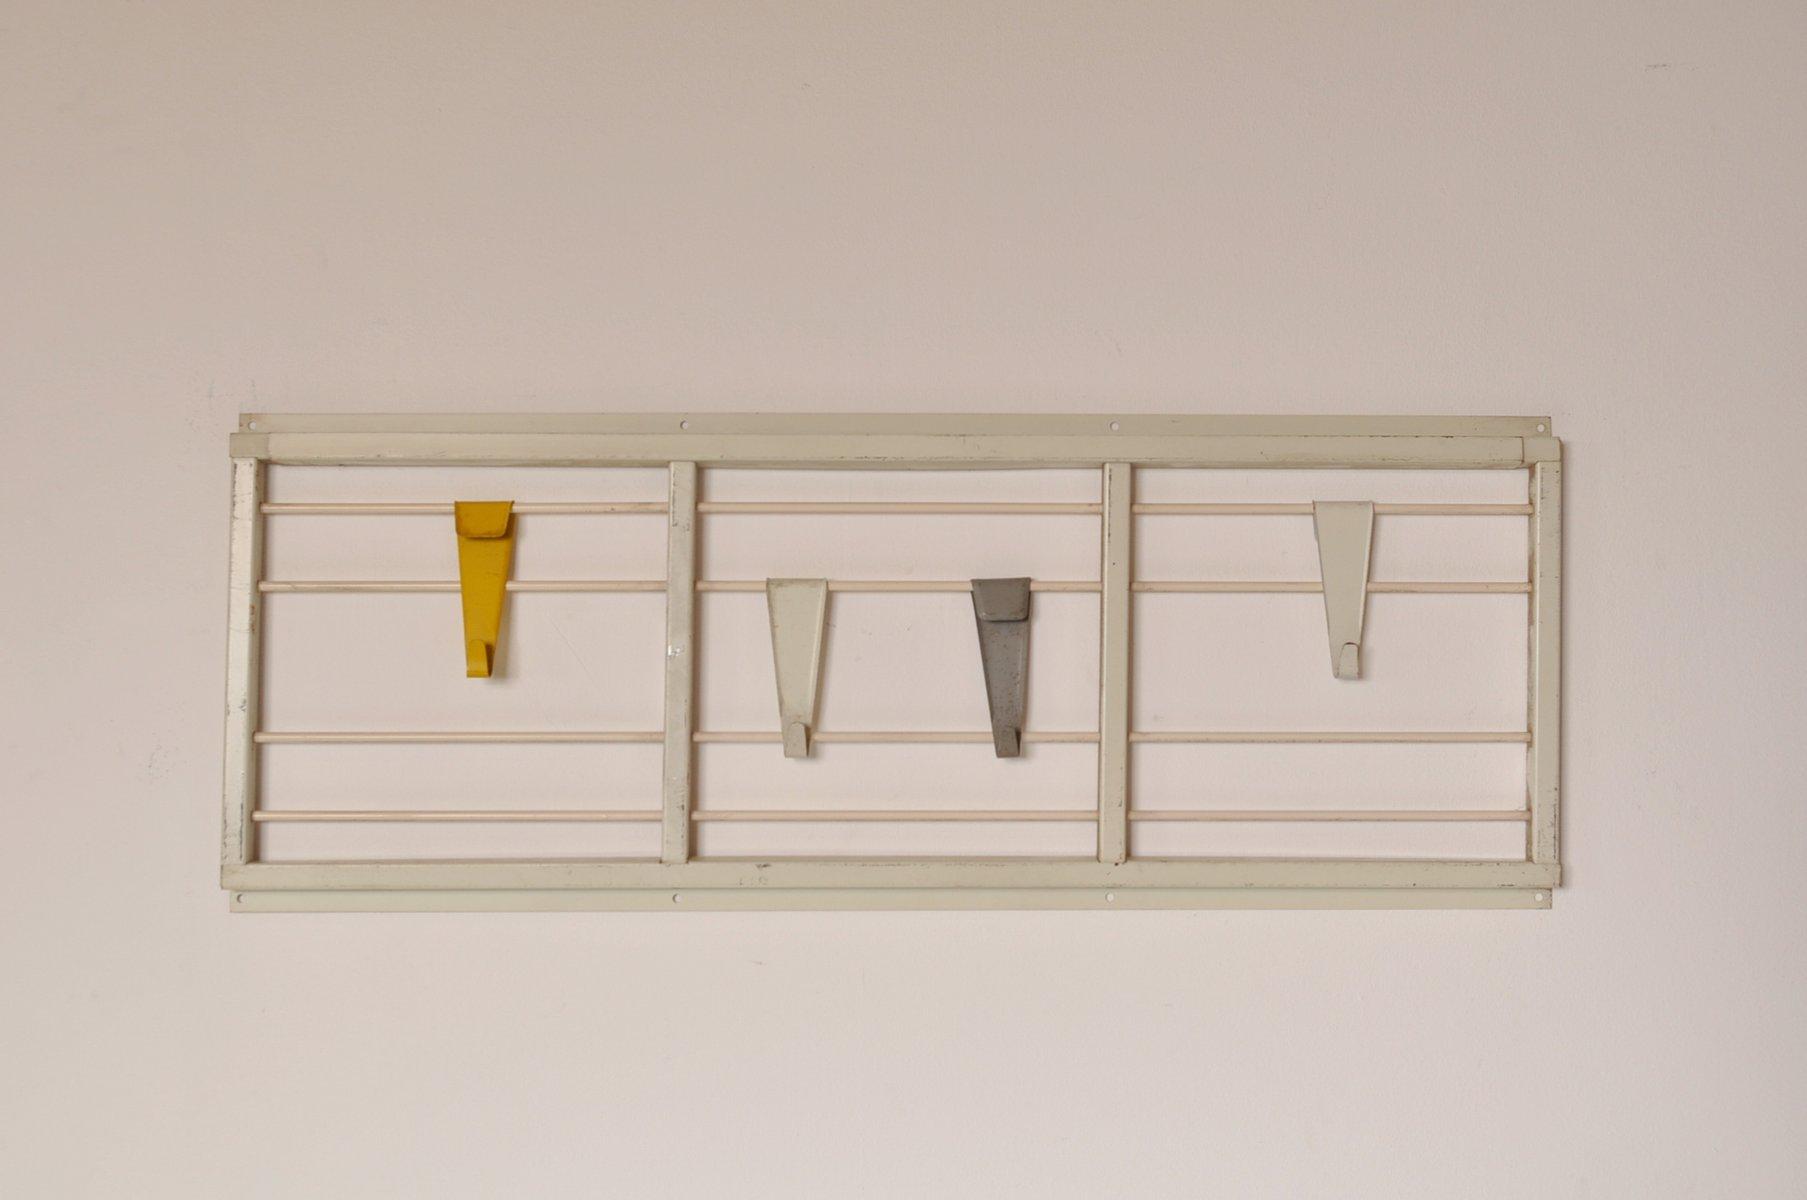 niederl ndische garderobe aus metall mit bunten haken von. Black Bedroom Furniture Sets. Home Design Ideas